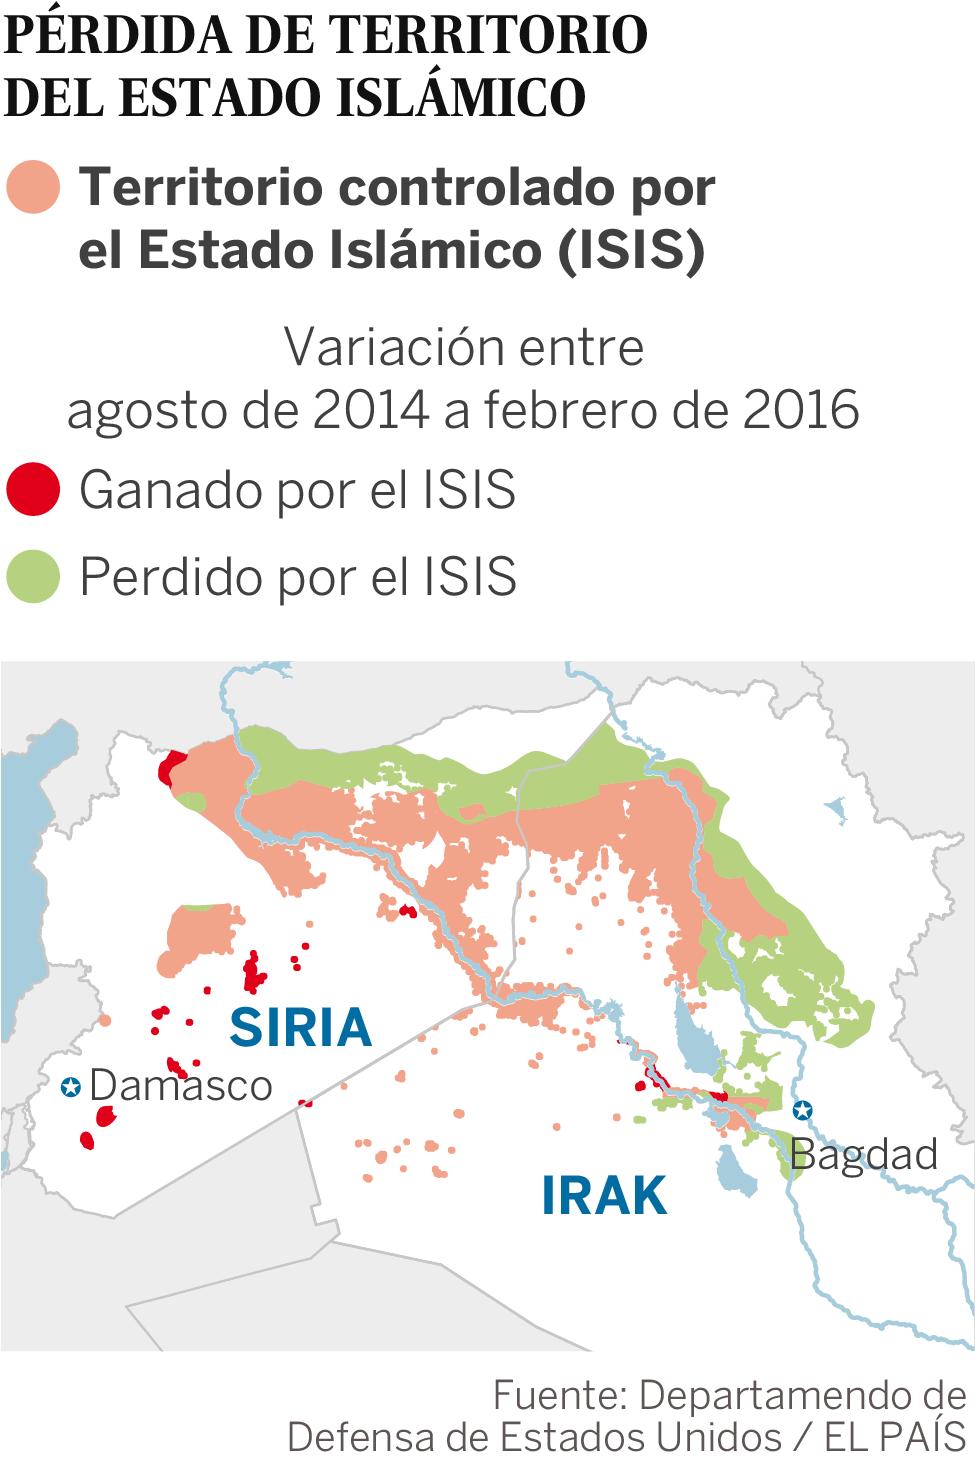 2016-04-02 Pérdida de territorio del Estado Islámico | Actualidad | EL PAÍS